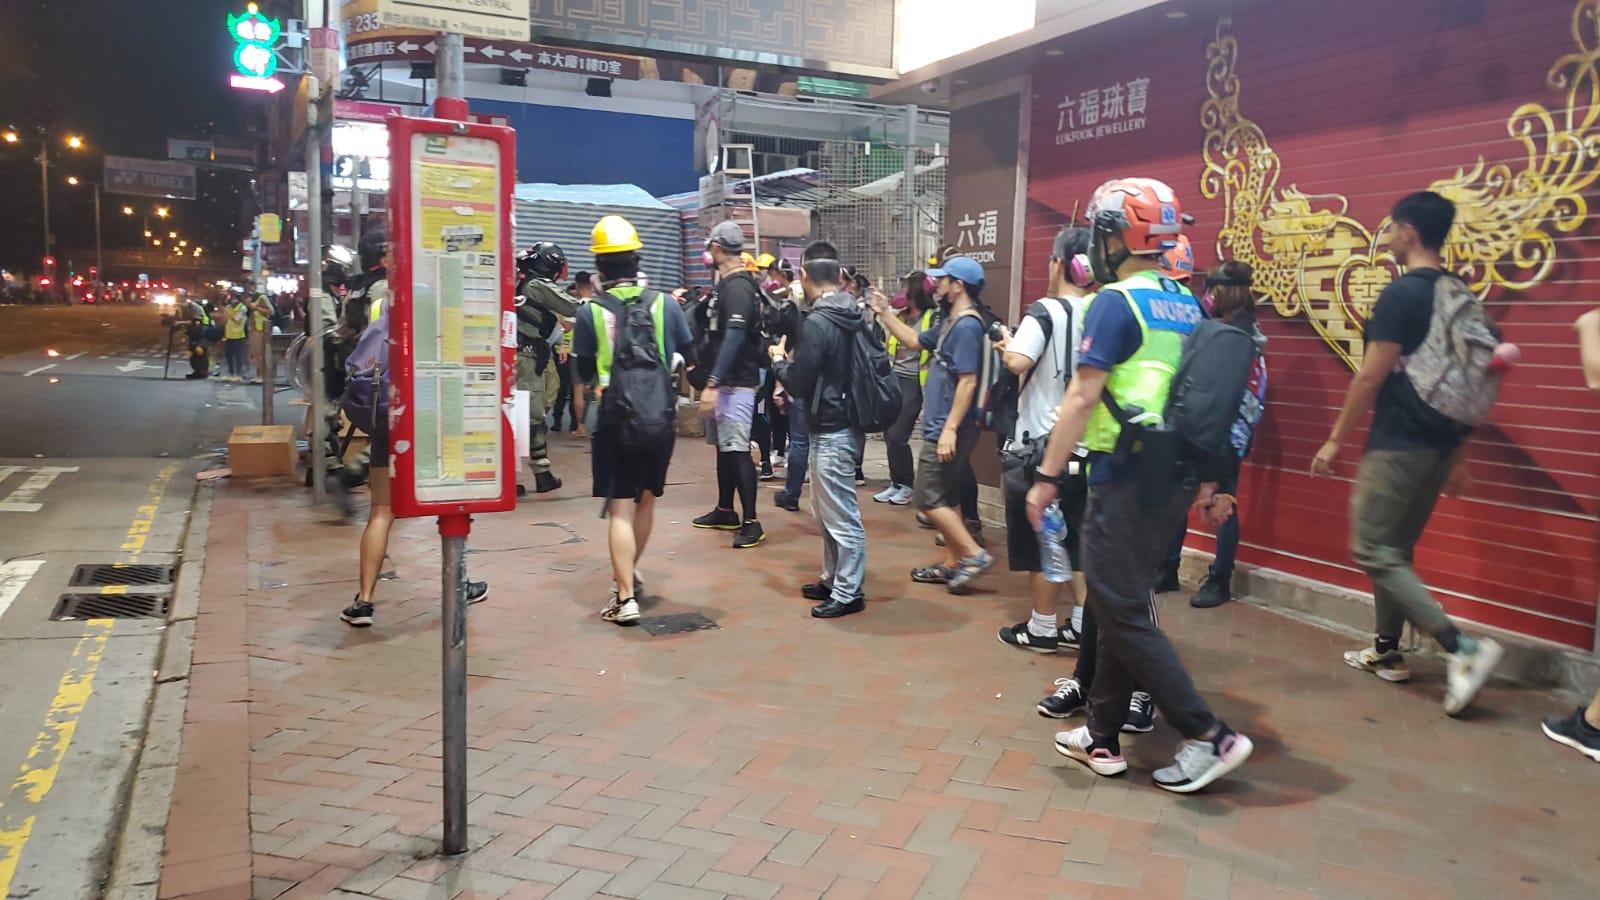 示威者四處遊走